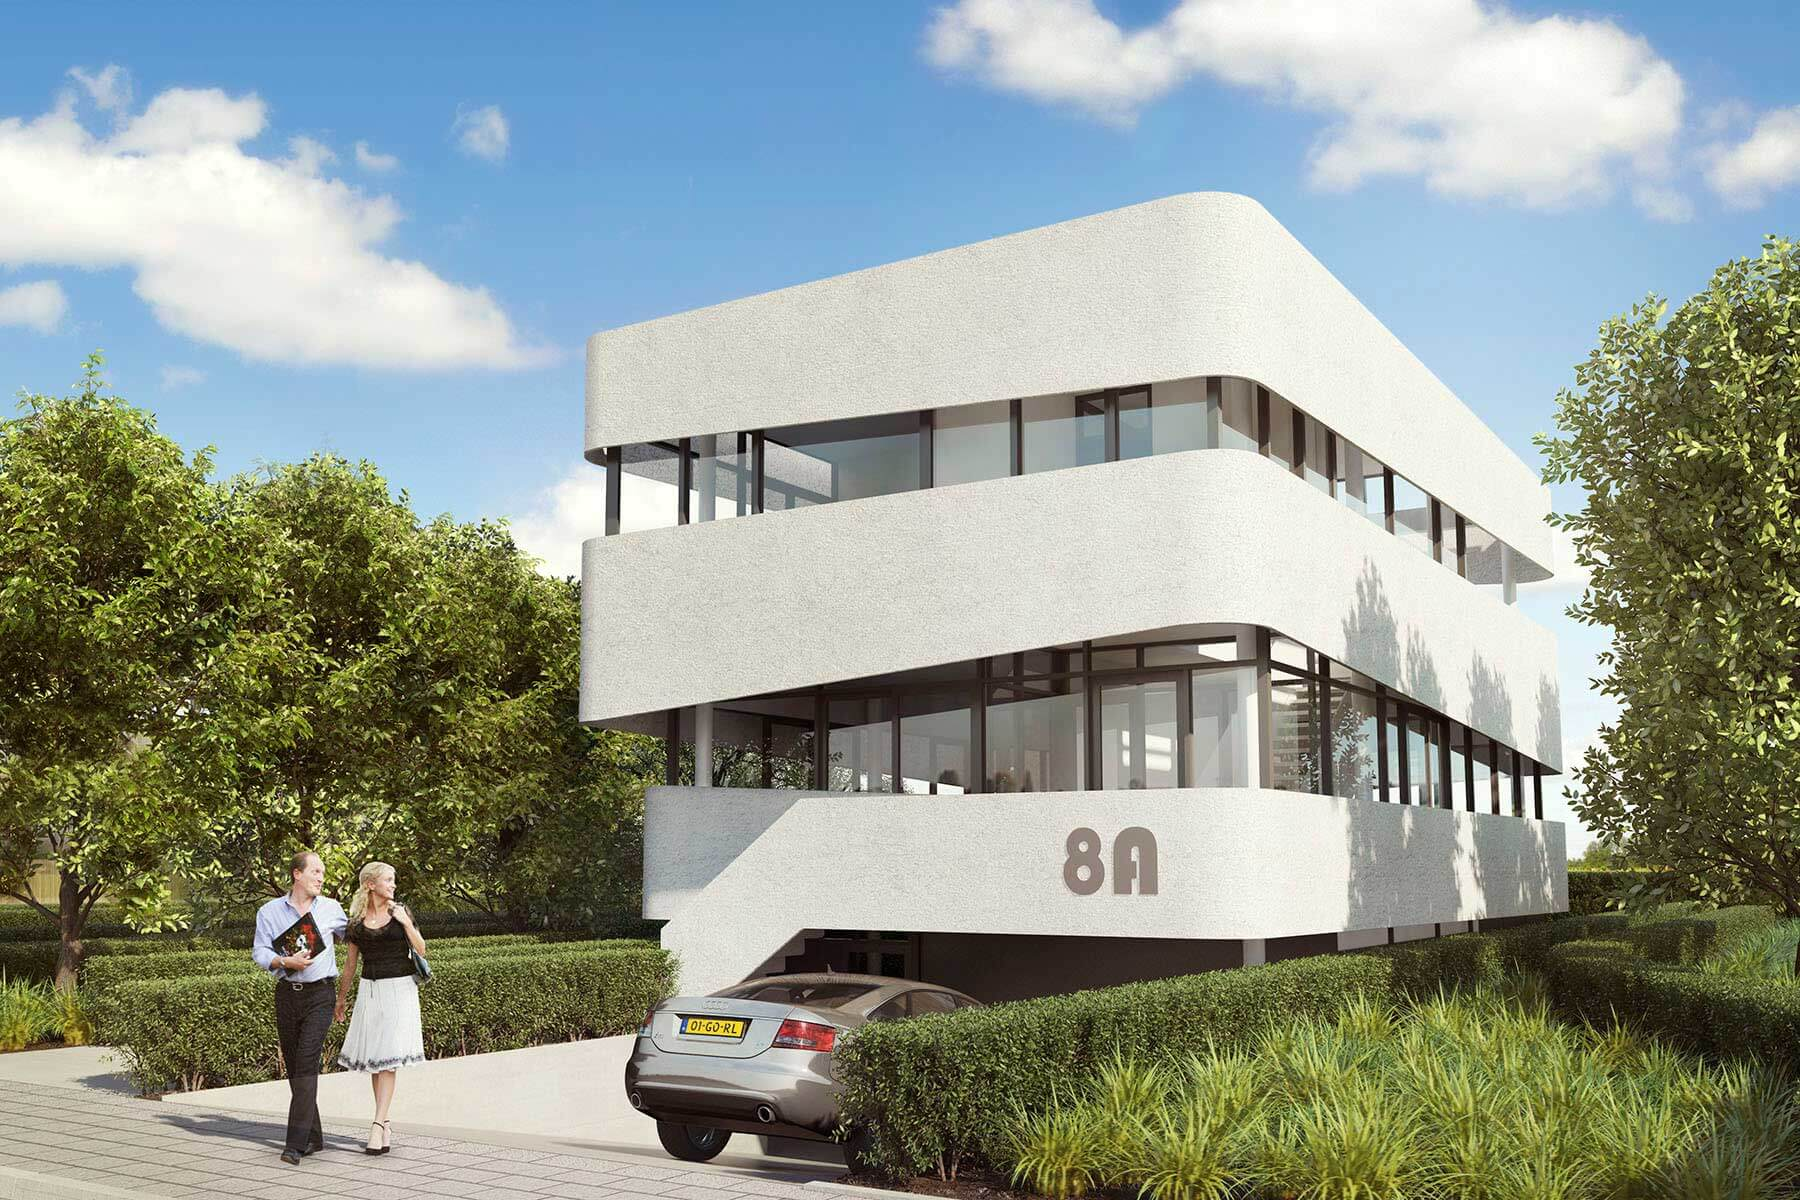 8A Architecten - Villa 8A, de moderne cataloguswoning op maat